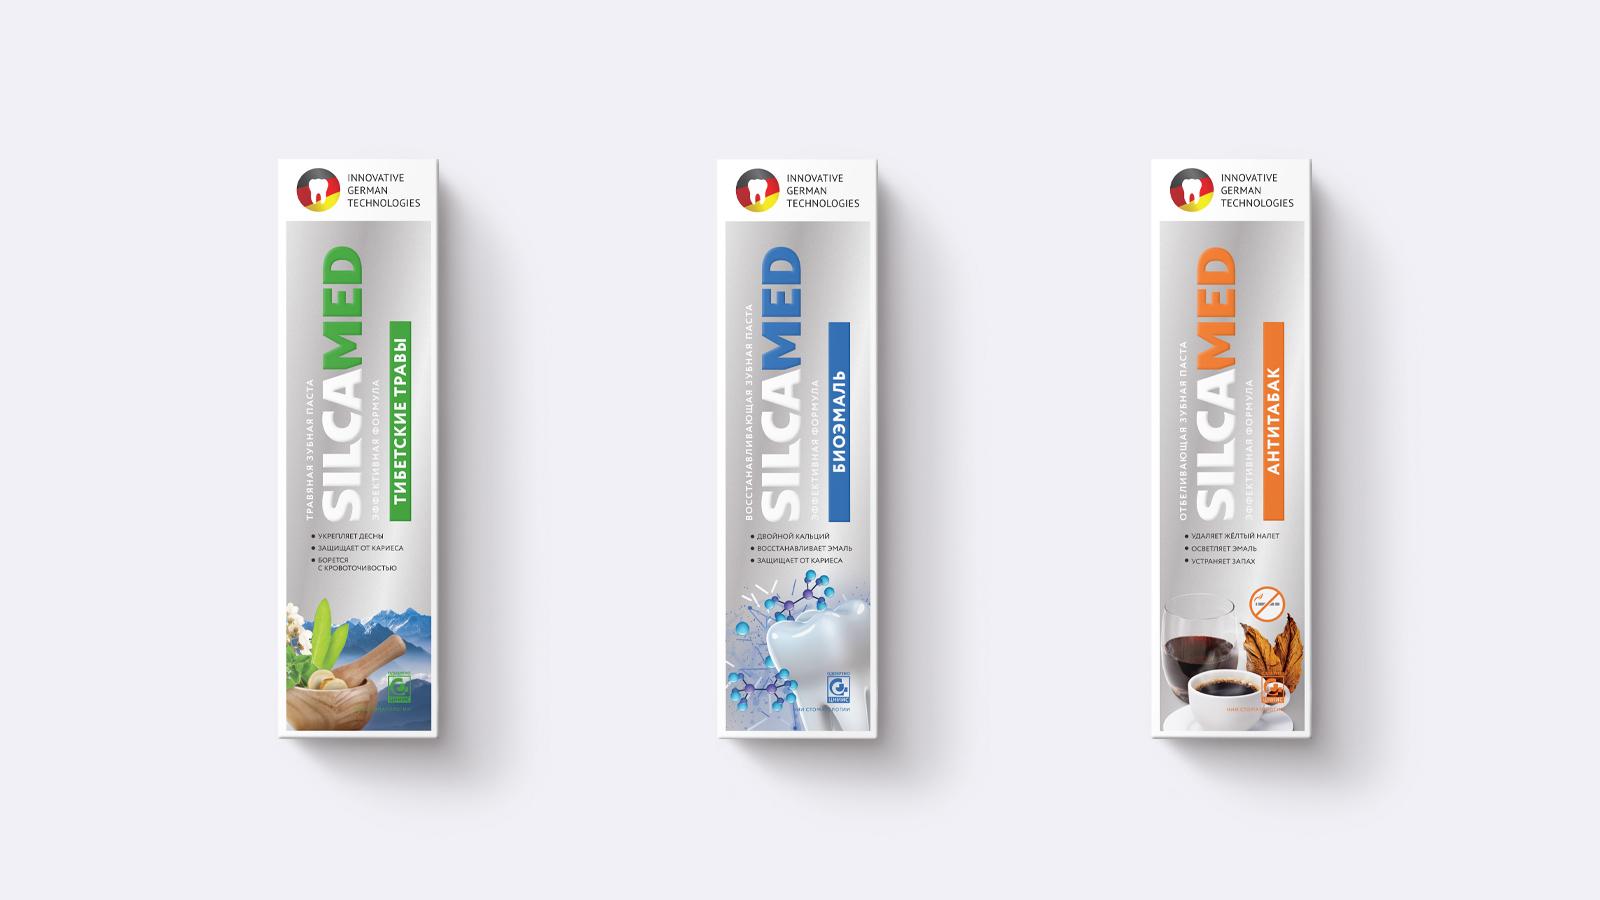 Новый дизайн упаковки акцентирует внимание на функциональных особенностях продукта и эффективно коммуницирует с потребителем